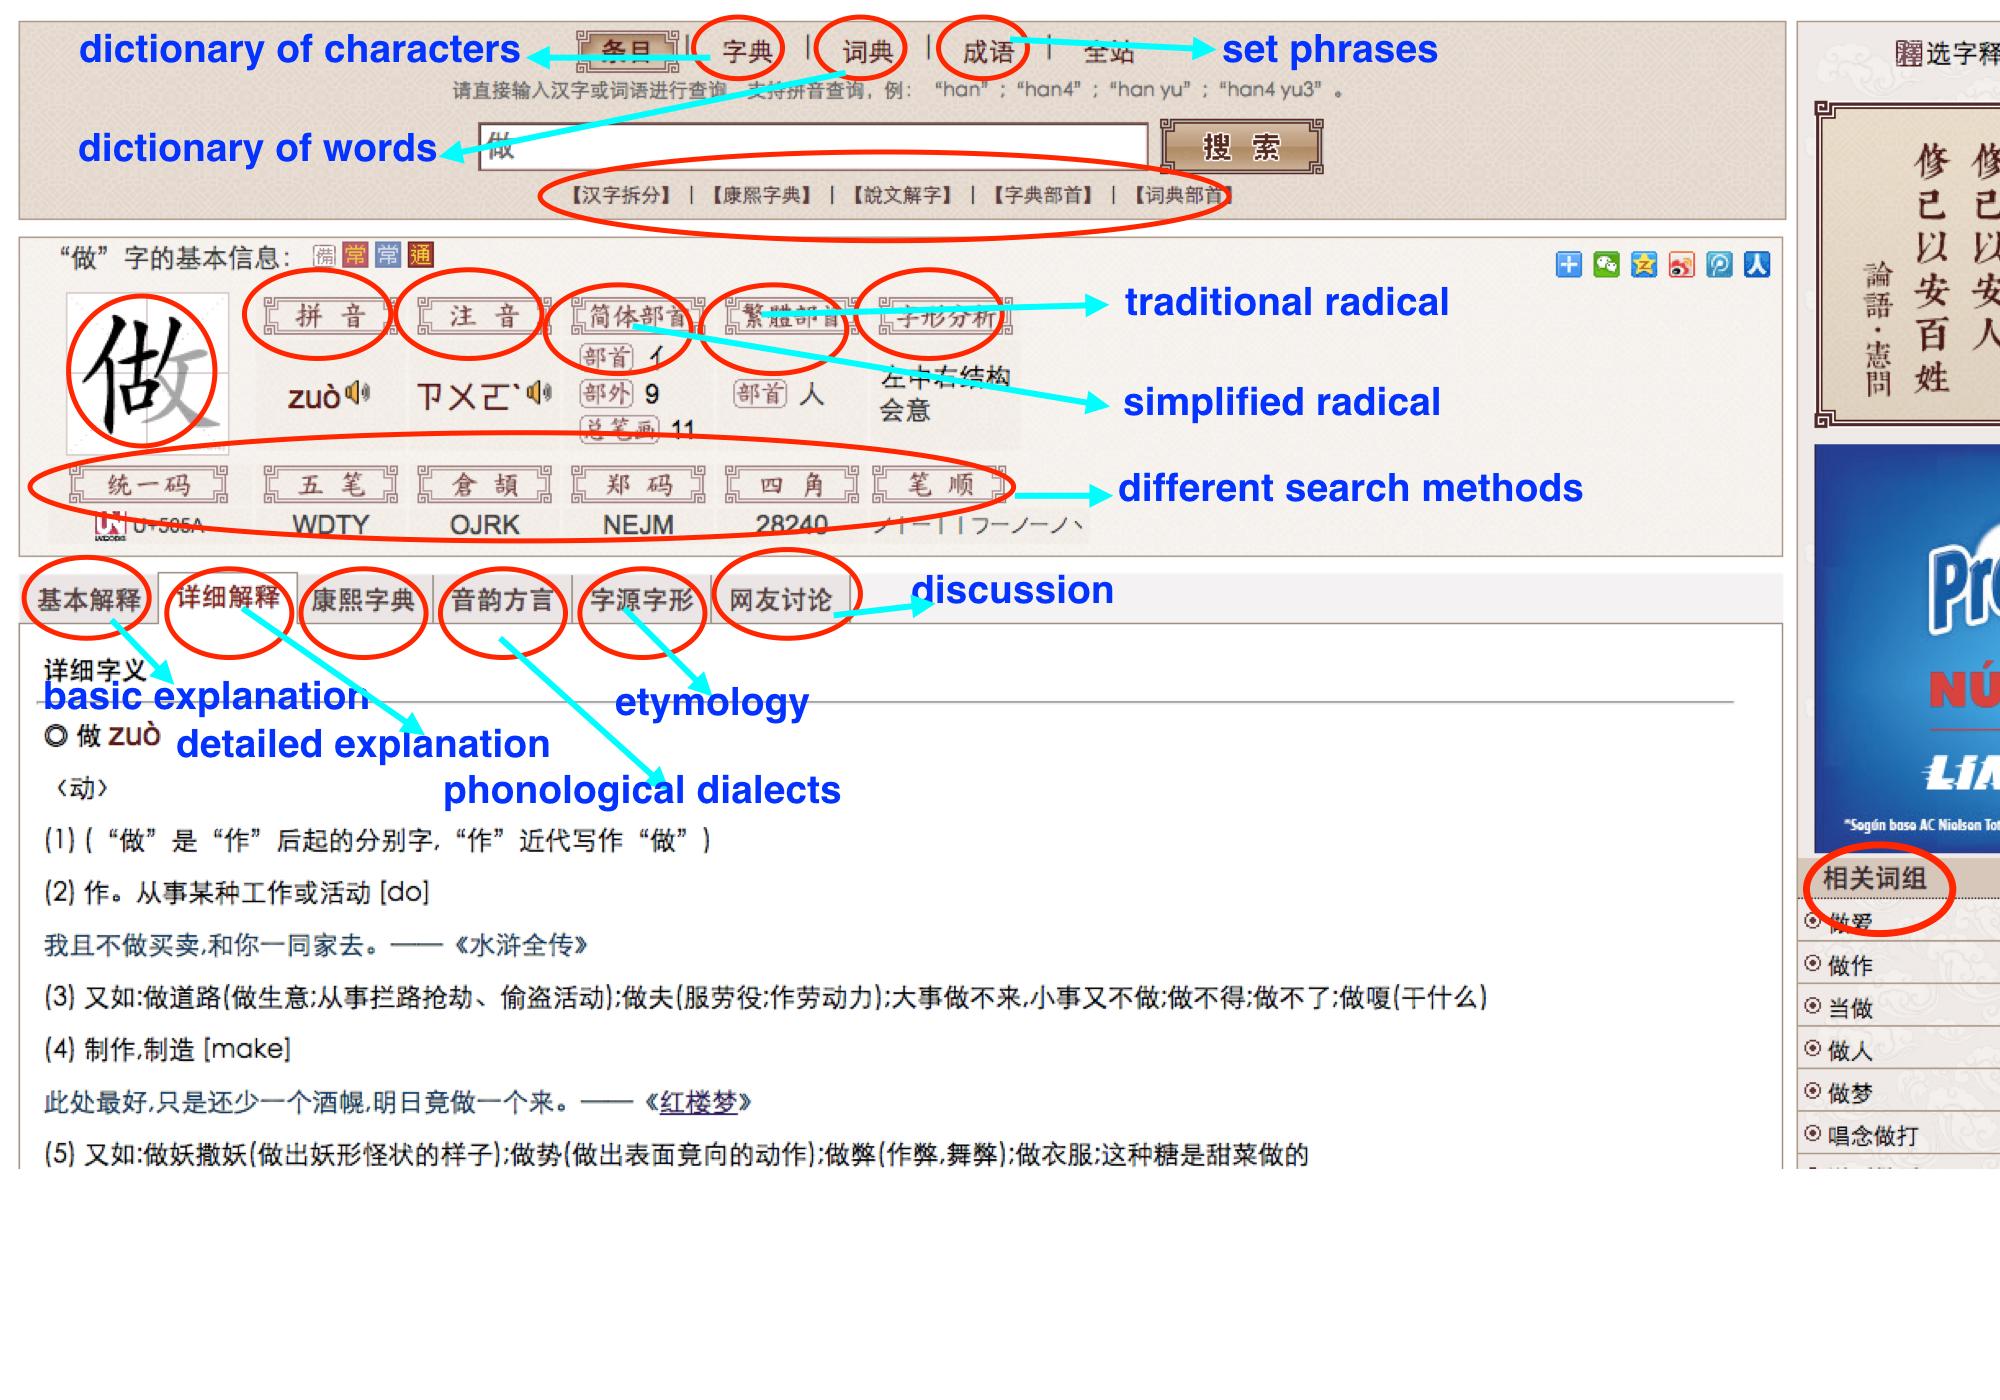 中文字典-汉典, Chinese dictionary-Han Dian